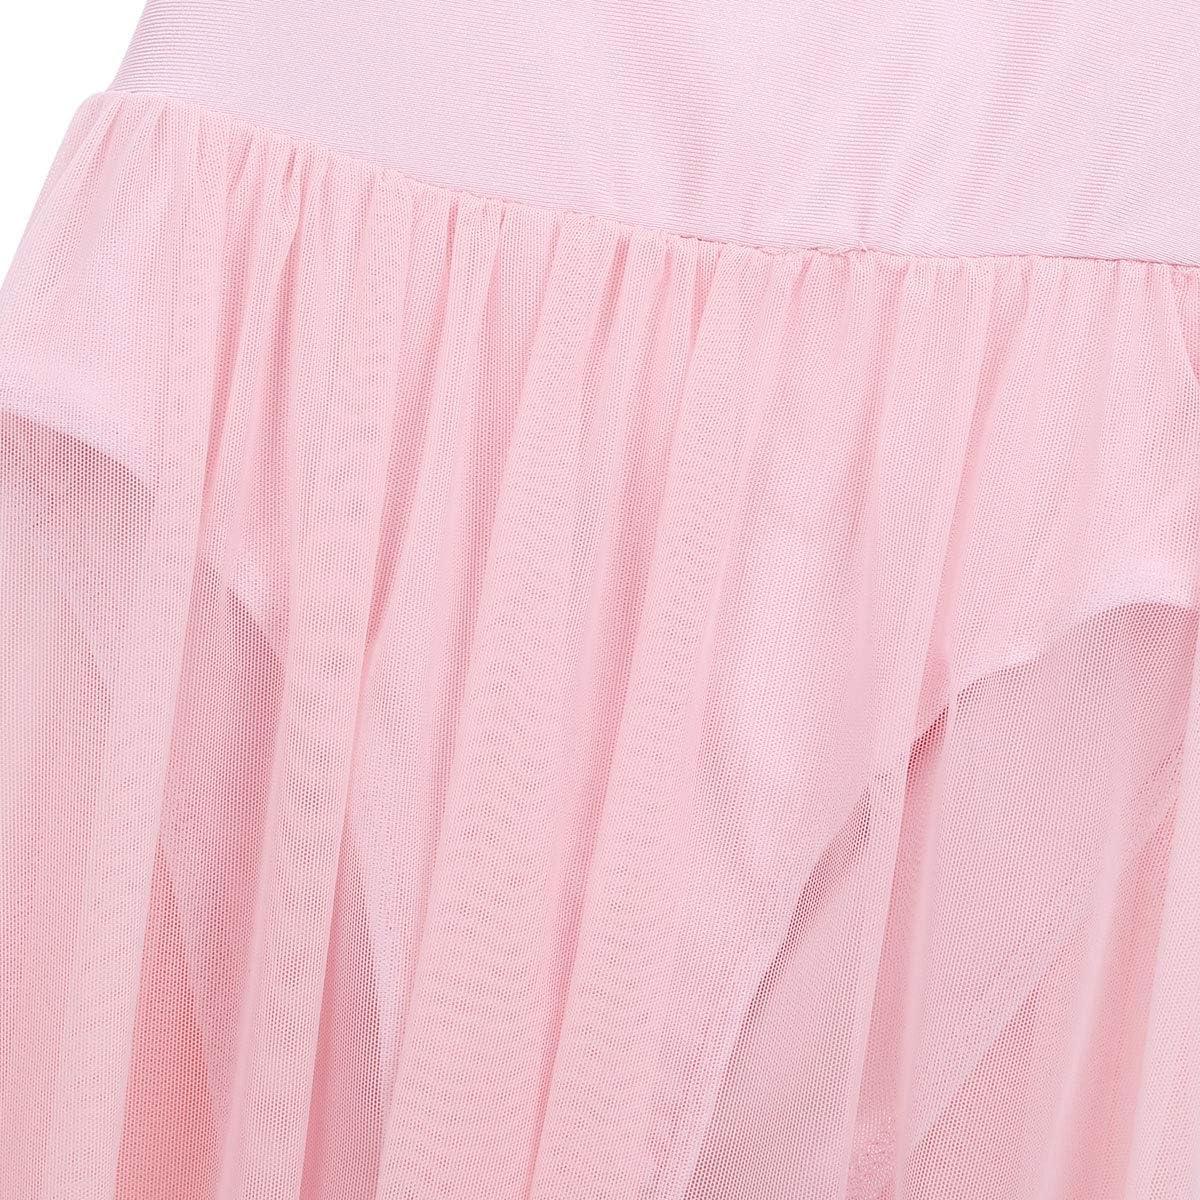 Alvivi Girls Ballet Lyrical Dance Dress Cutout Back Leotard with Irregular High Low Skirt Dancing Costumes